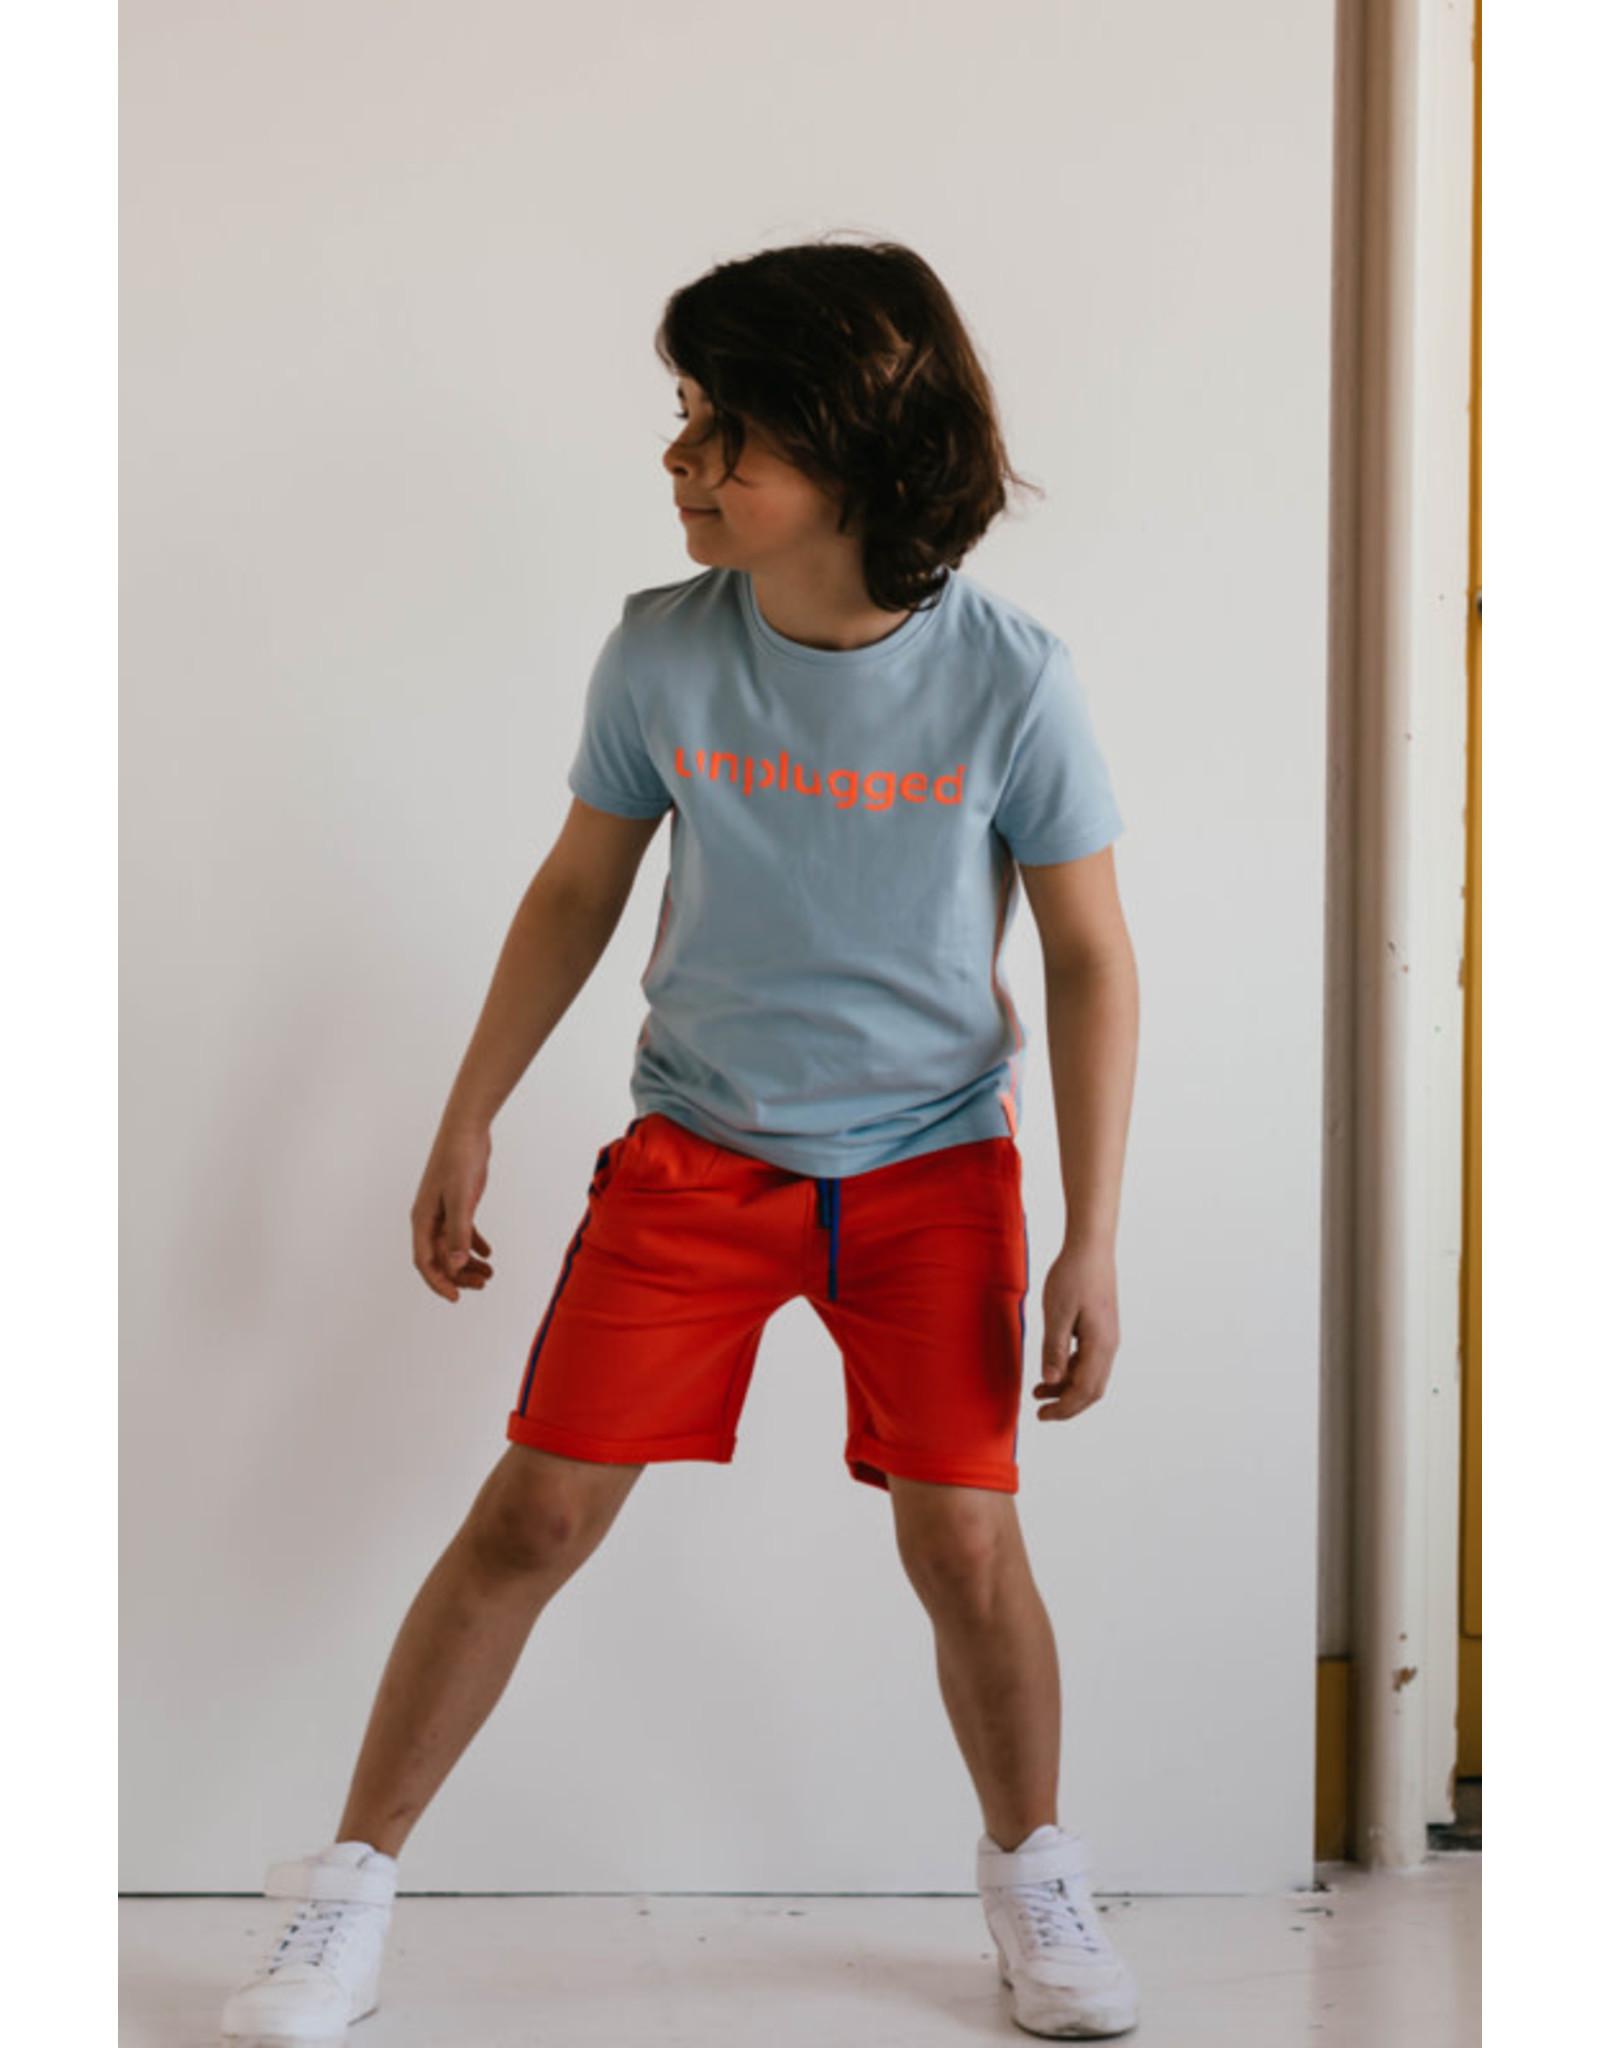 Mister-T Mister-T jongens t-shirt Menno Ice Blue